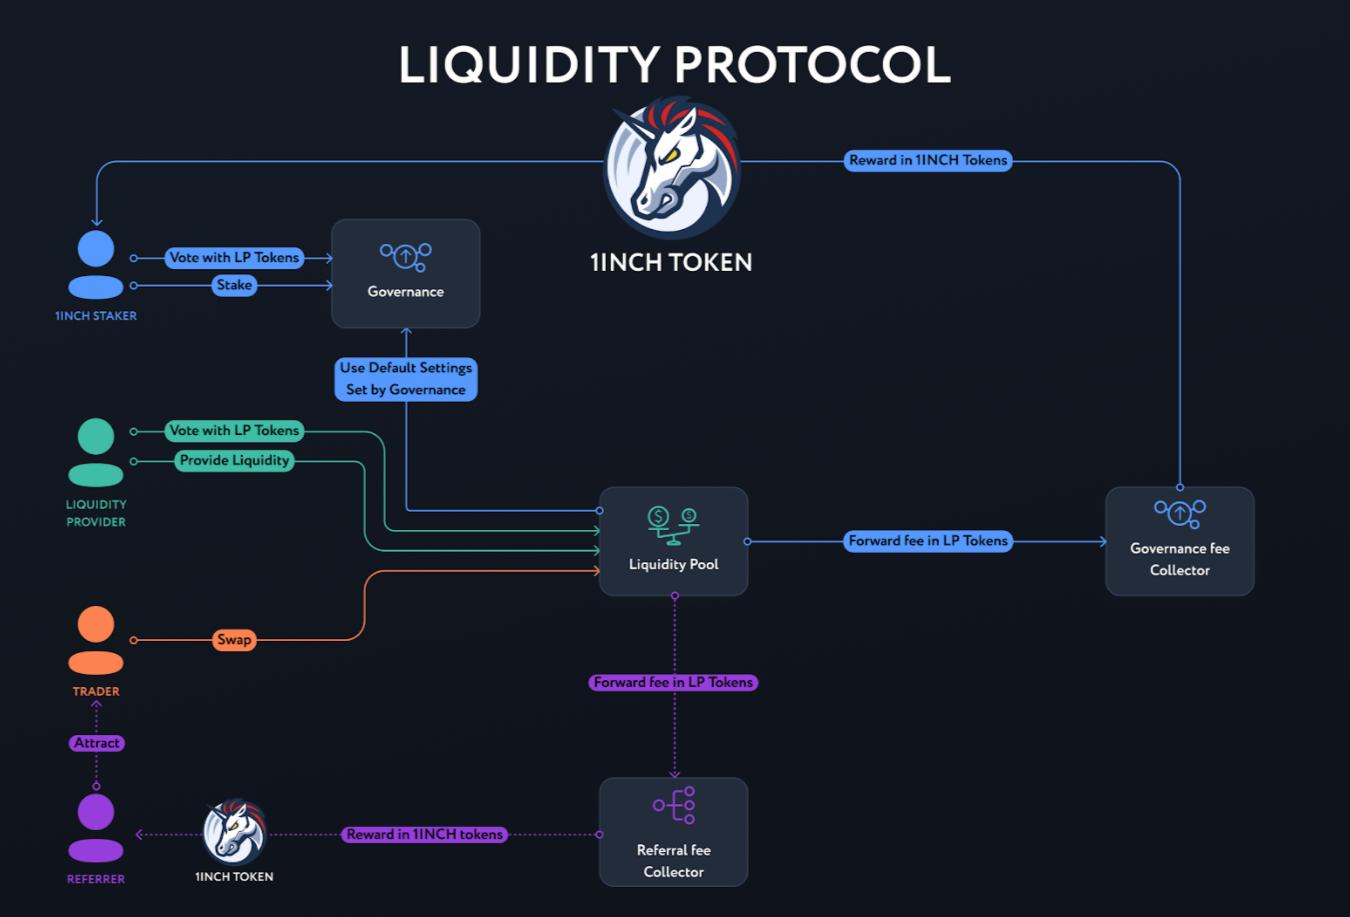 Схема управления протоколом ликвидности